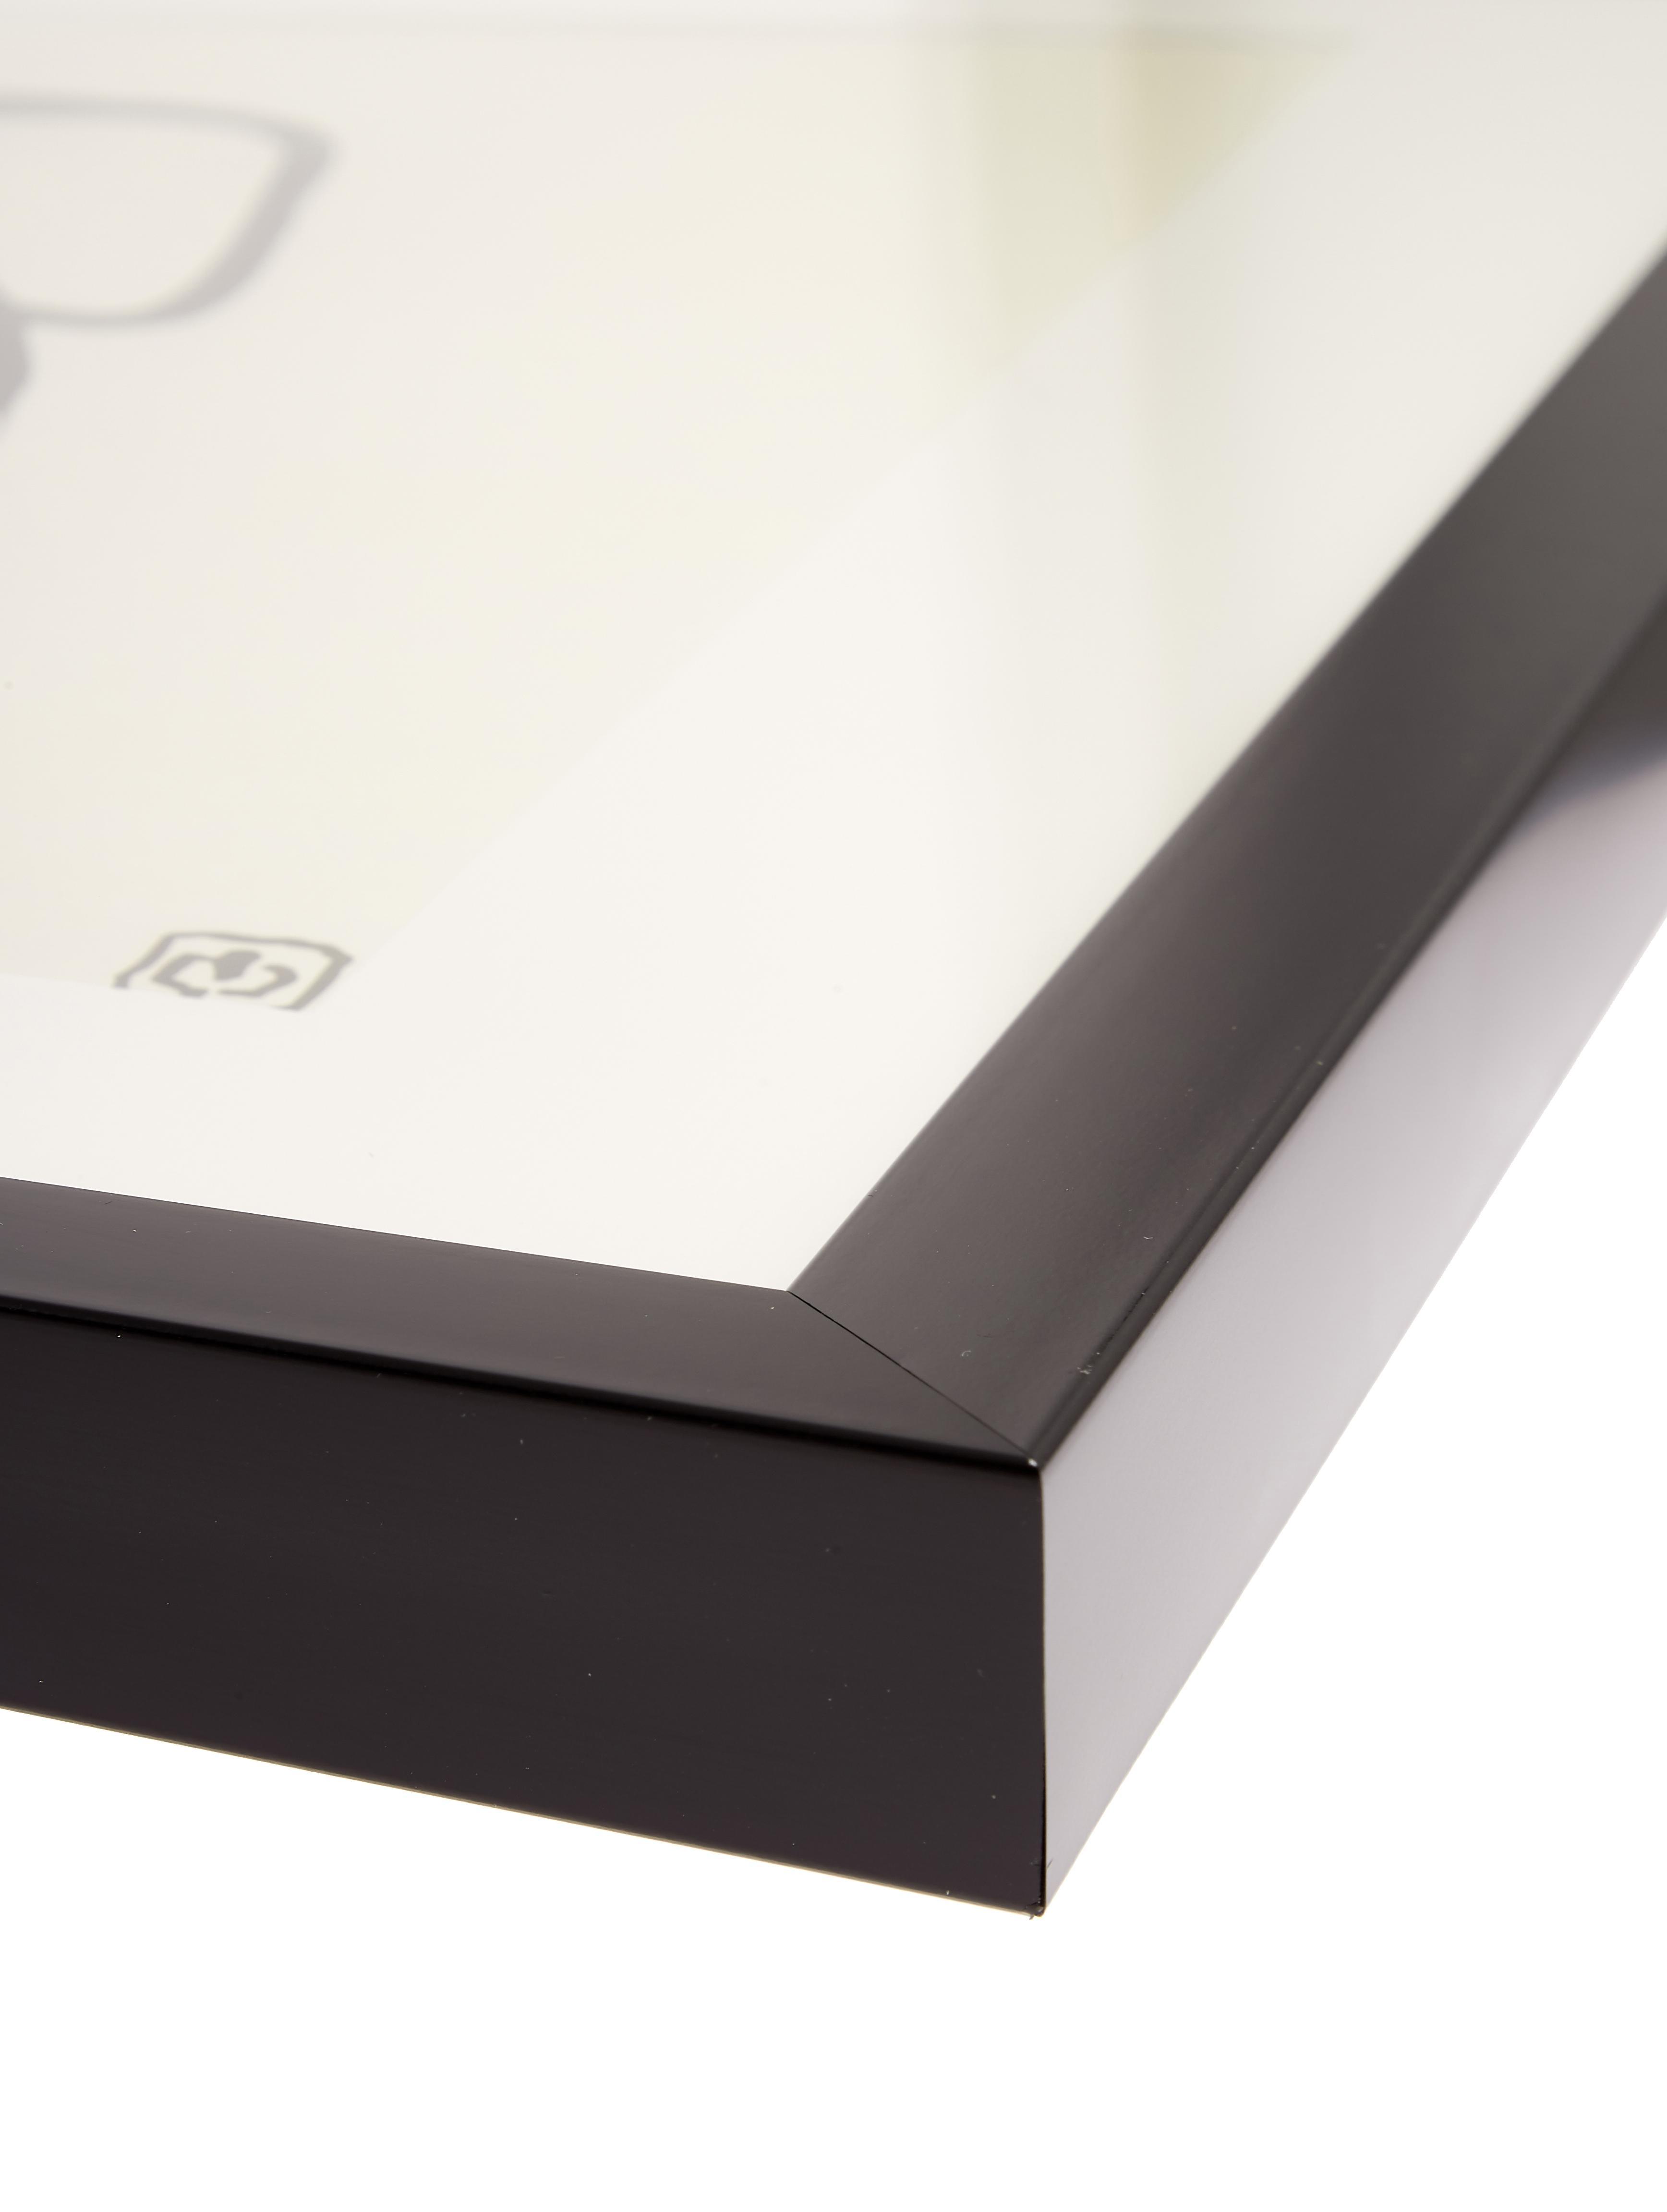 Stampa digitale incorniciata Akt Lady III, Immagine: stampa digitale, Cornice: materiale sintetico, Immagine: nero, beige<br>Cornice: nero, L 40 x A 40 cm